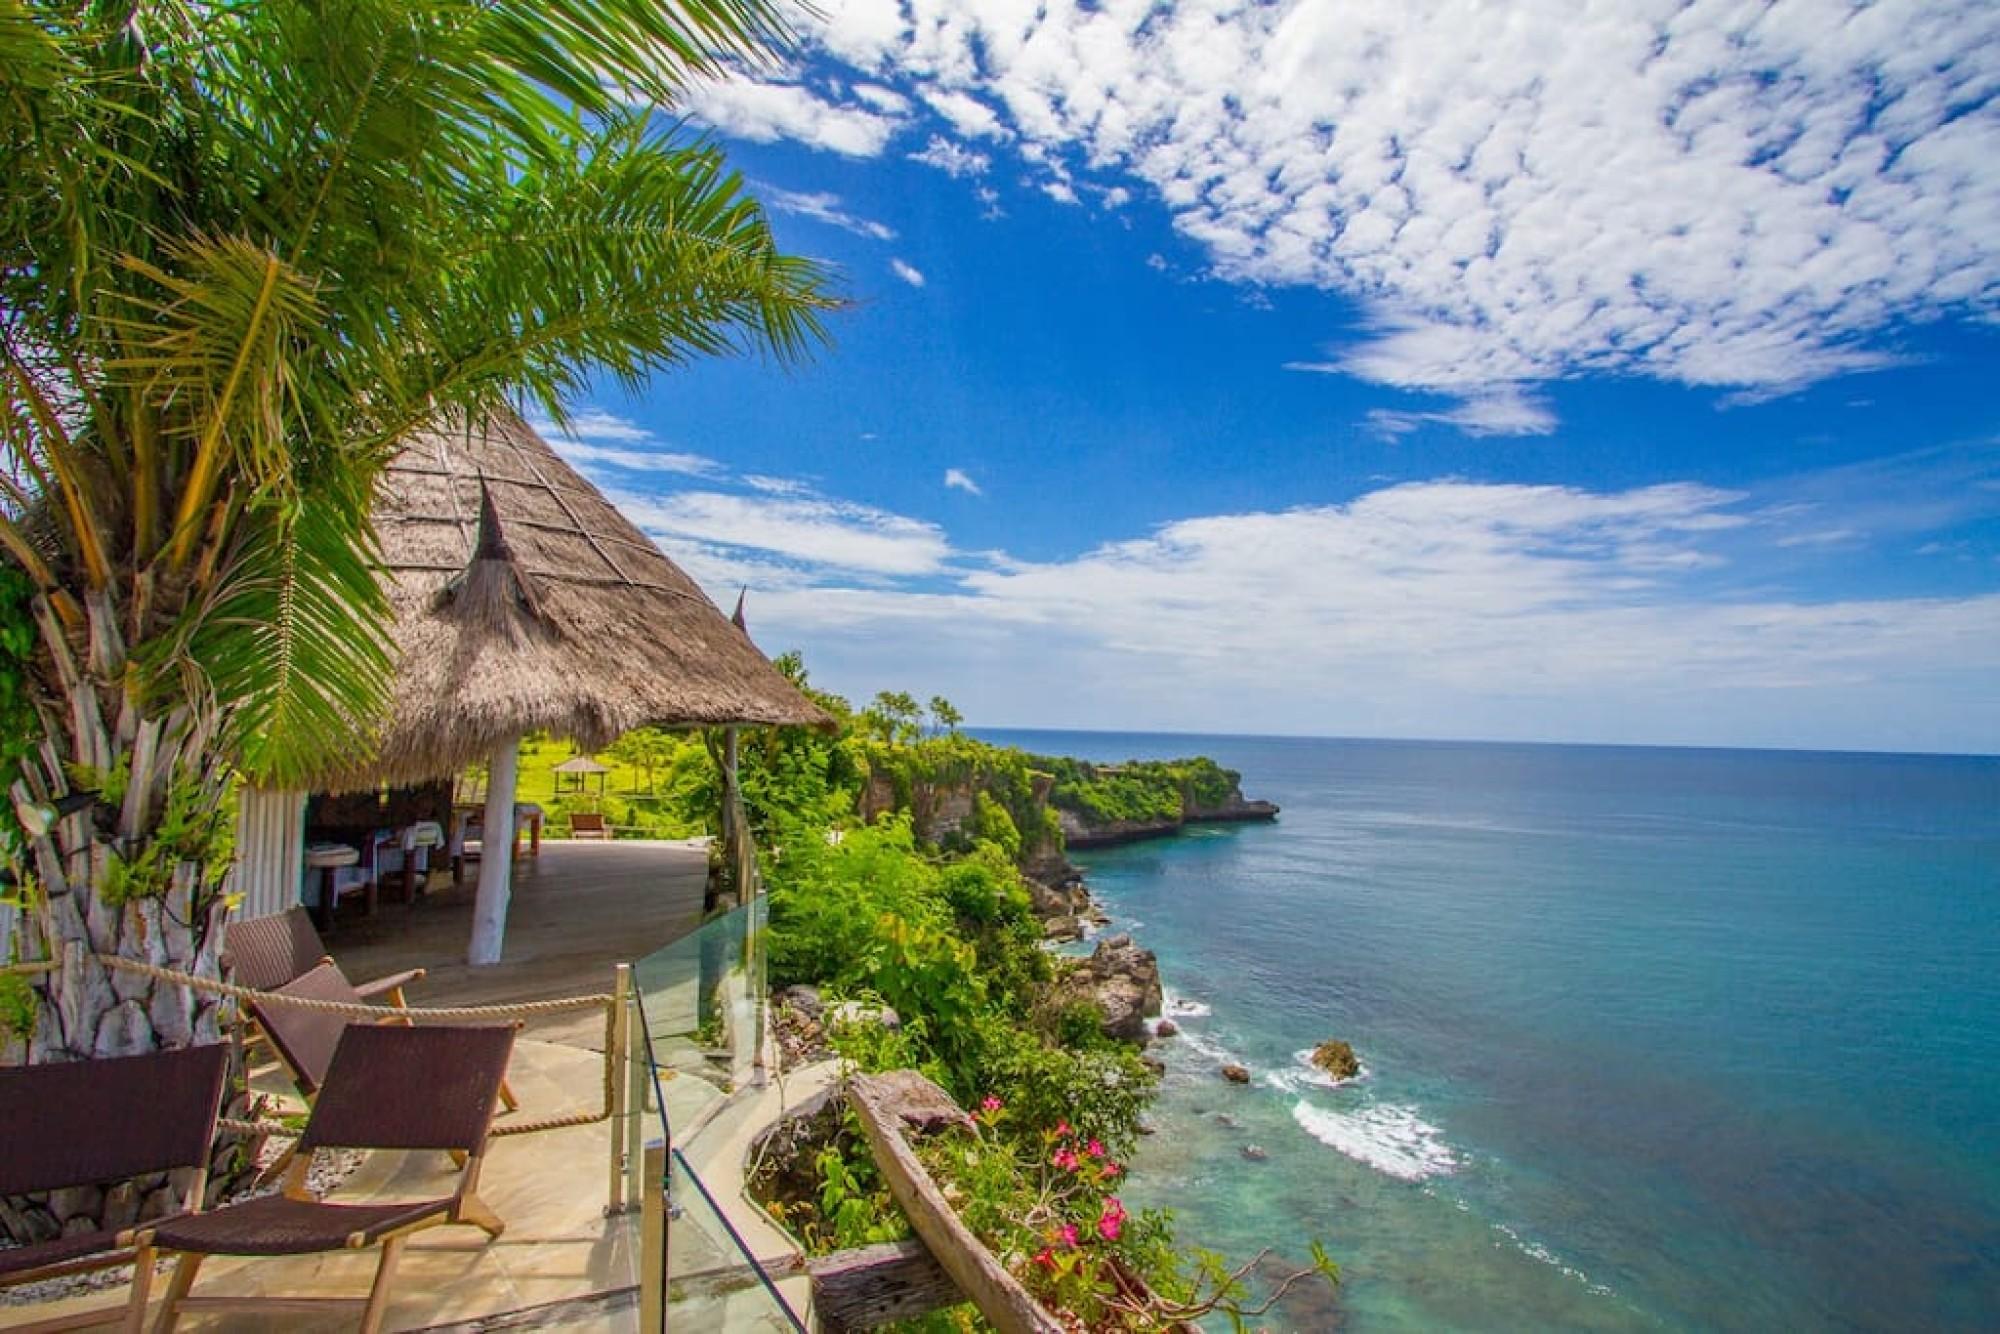 巴厘岛景点图